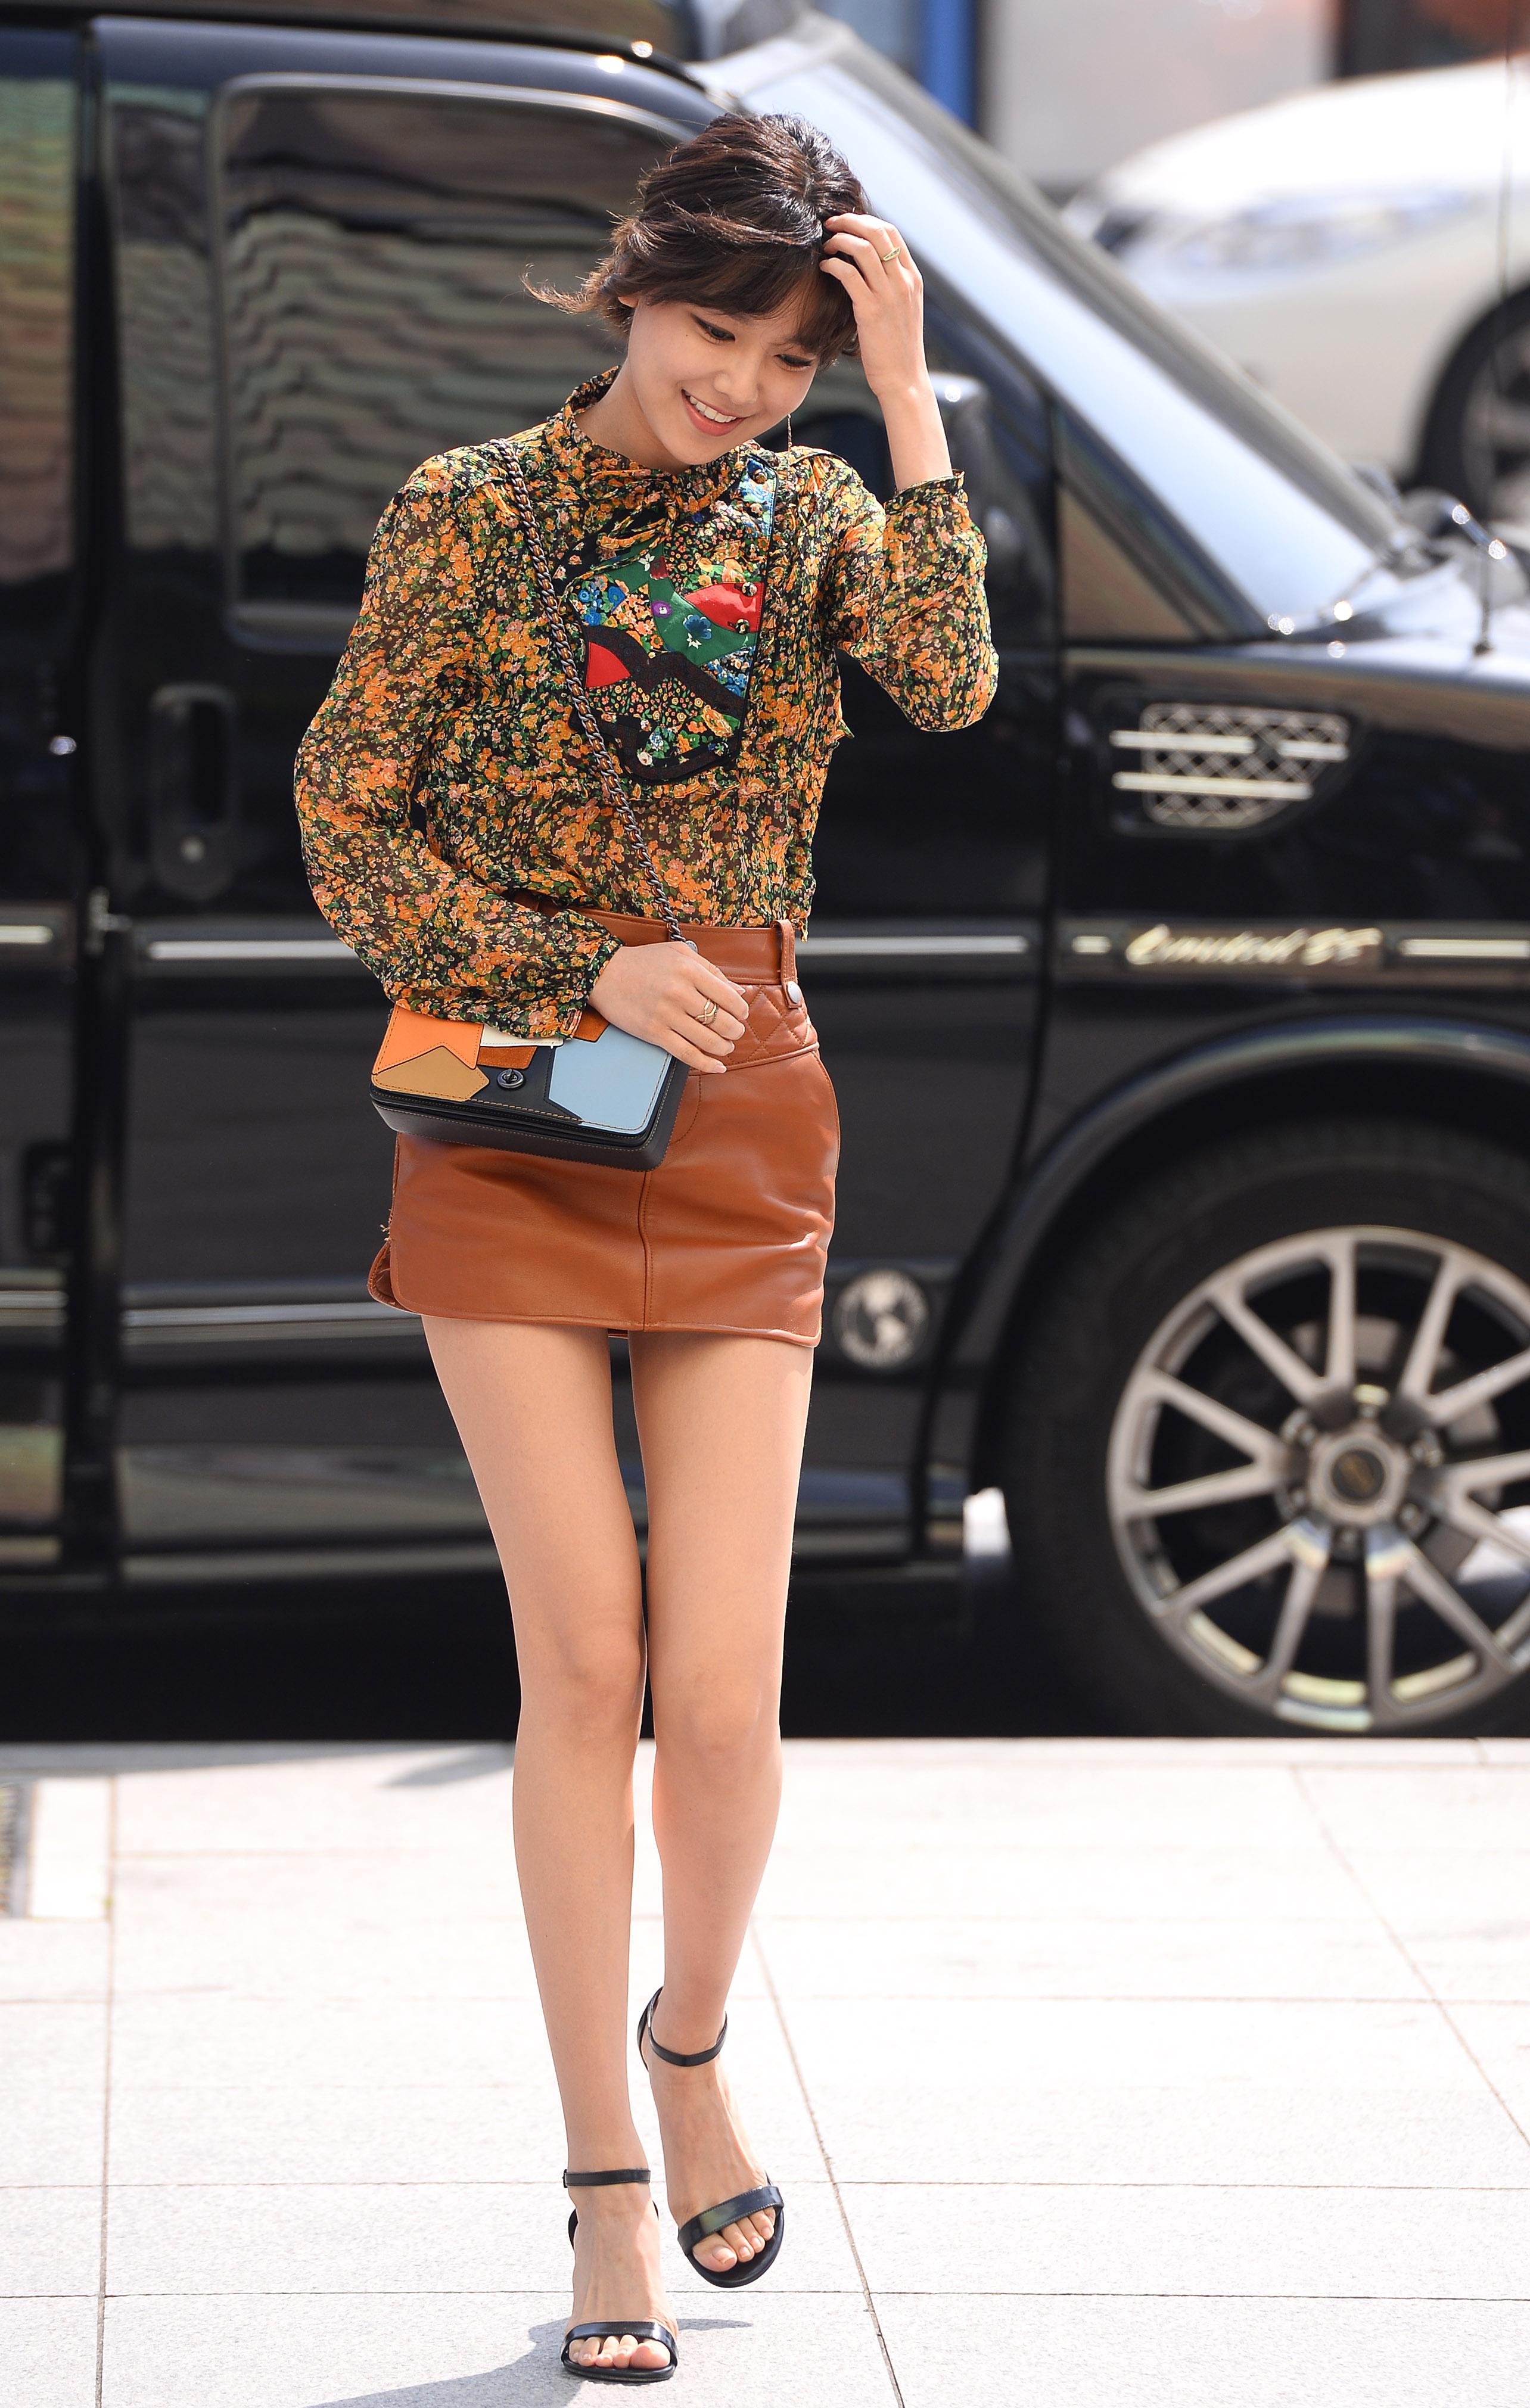 cách phối đồ của soo young với chân váy da ngắn và áo họa tiết